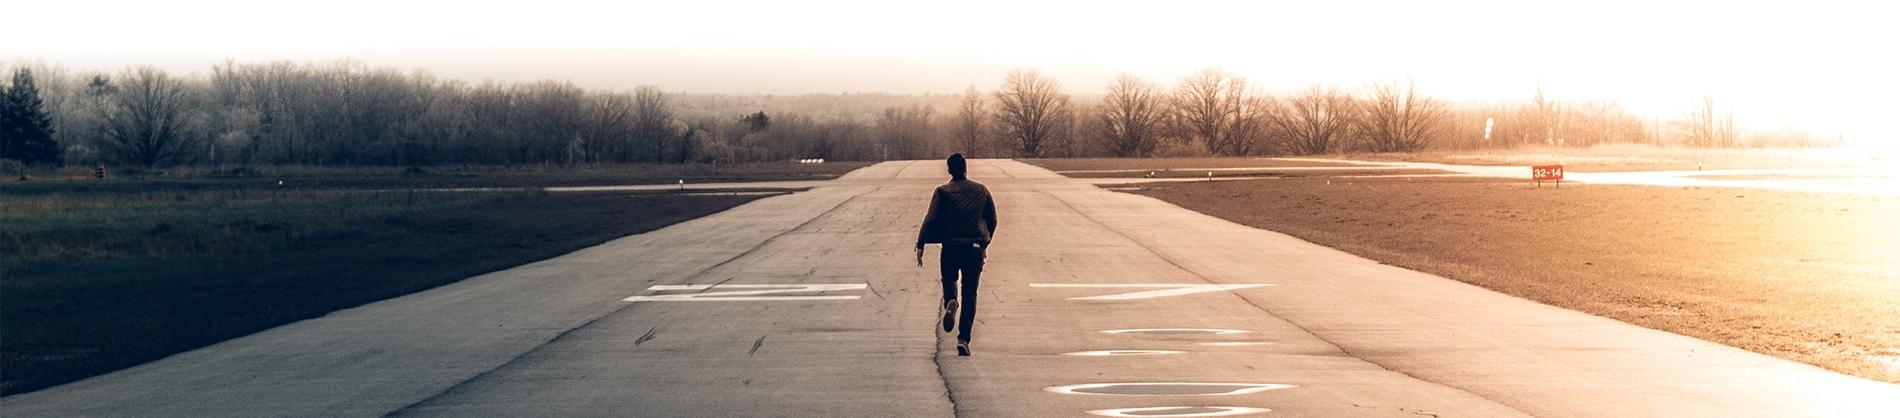 A man running down a runway